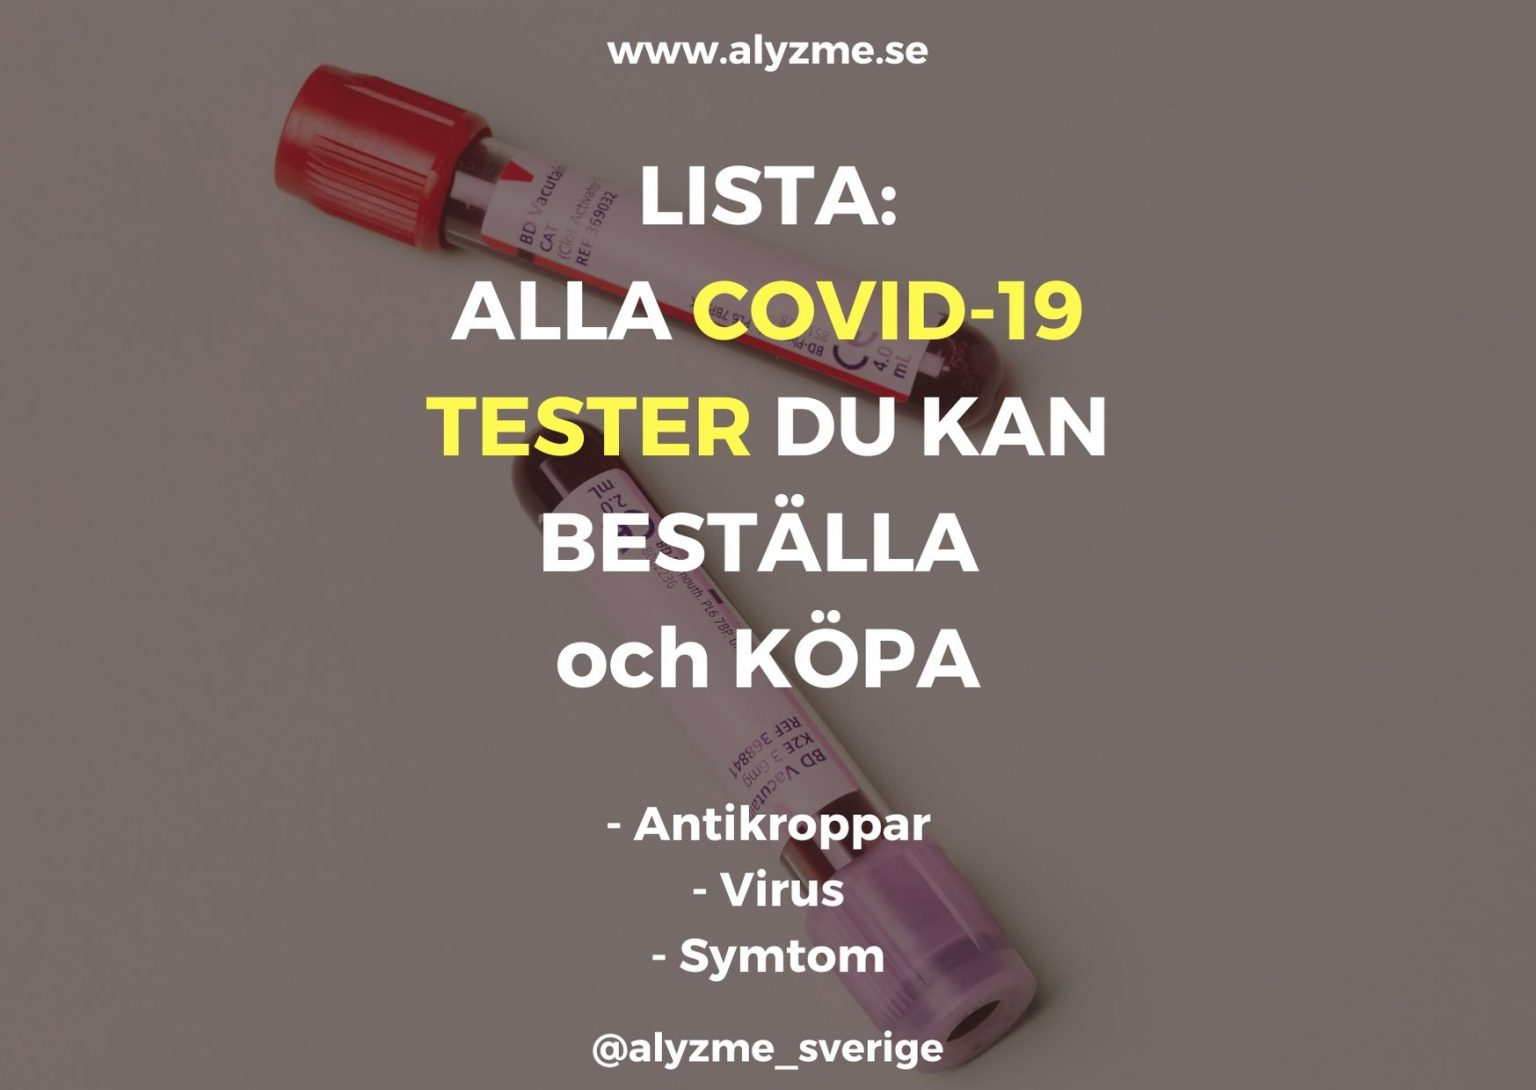 COVID-19 och cornona tester listade - köp och kolla dig idag. Antikroppar eller virus - alyzme.se lister självtester